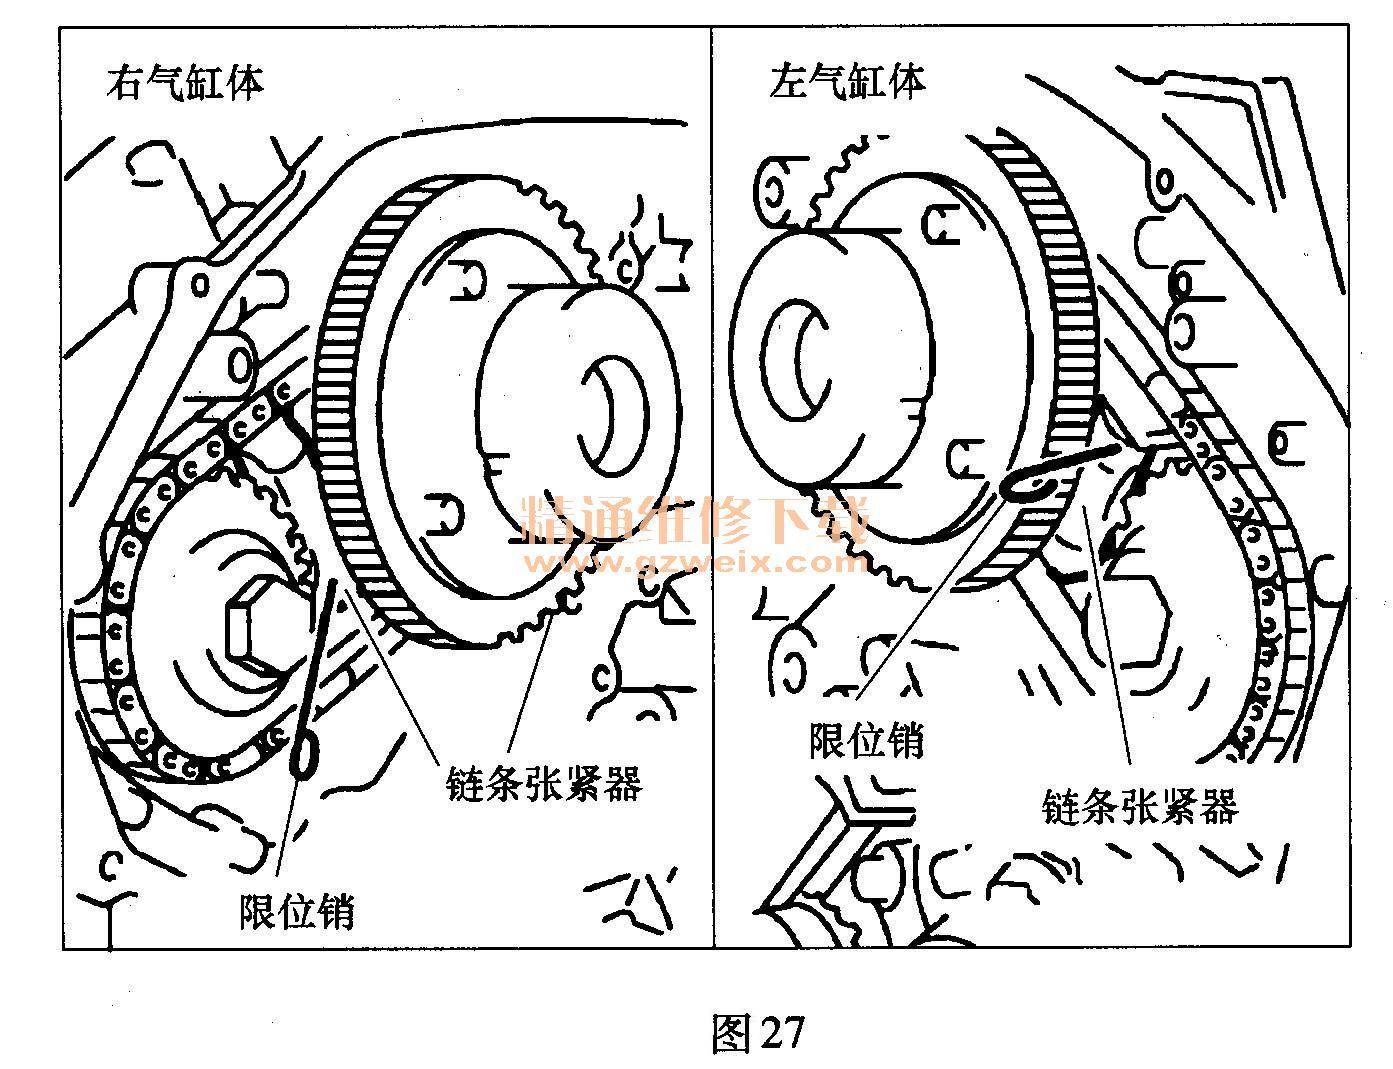 日产天籁(3.5l vq35de)发动机正时校对方法